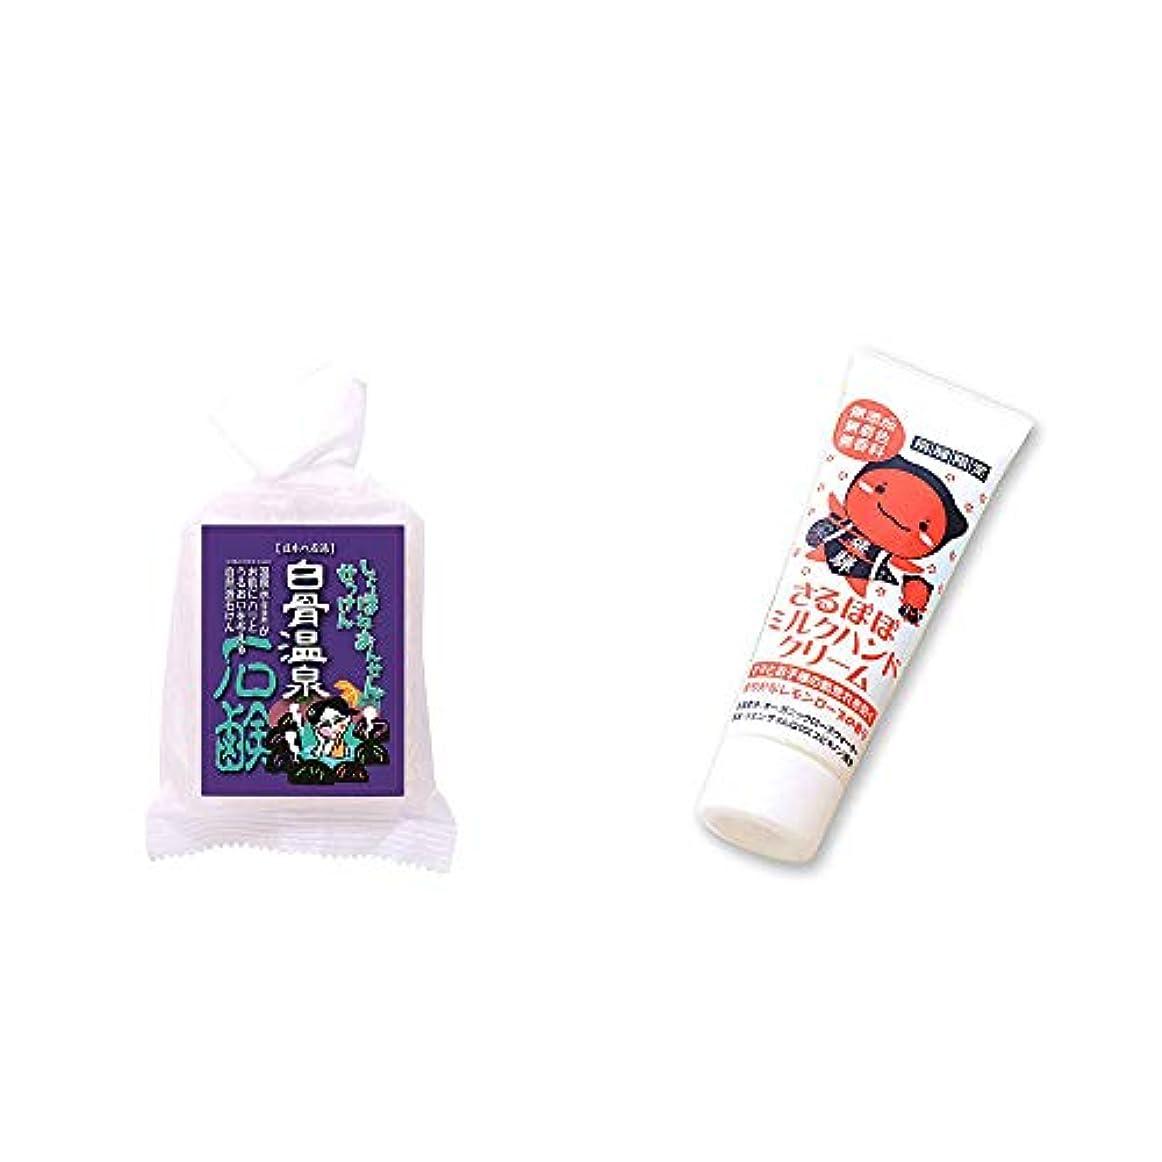 必要とする限界マニュアル[2点セット] 信州 白骨温泉石鹸(80g)?さるぼぼ ミルクハンドクリーム(50g)